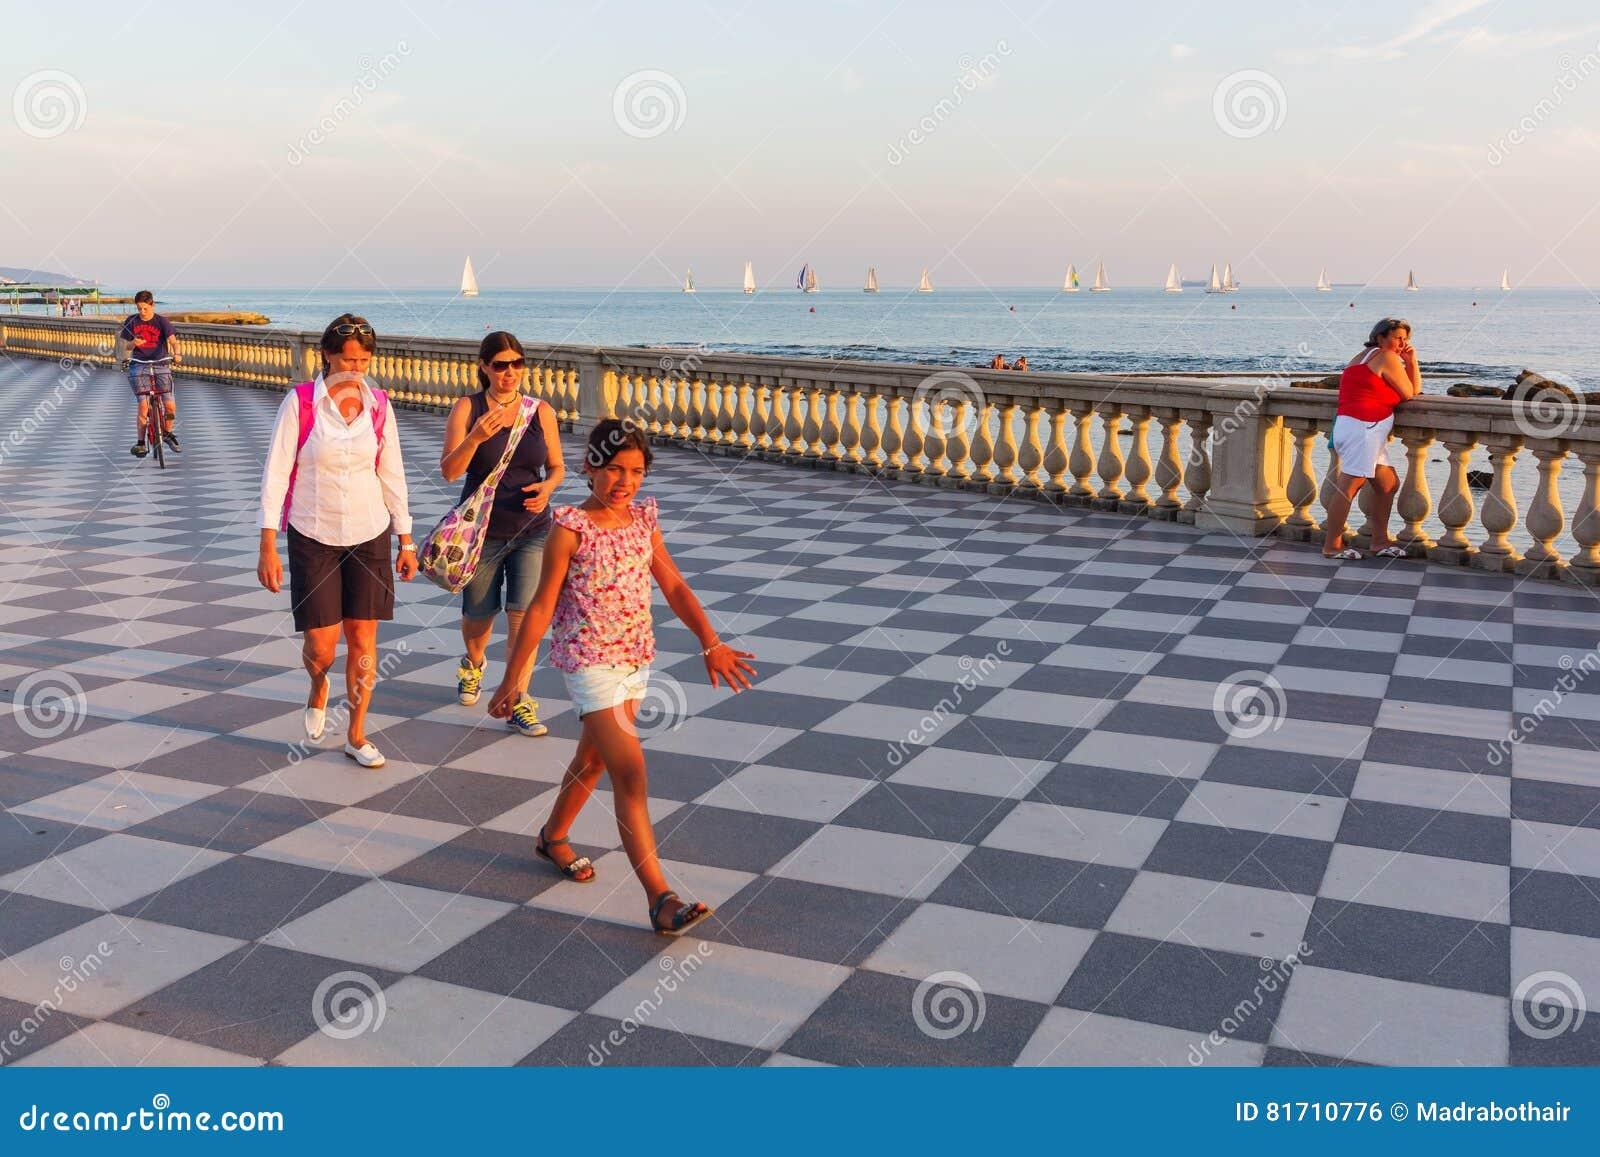 Terrazza Mascagni In Livorno, Italy Editorial Photo - Image of ...